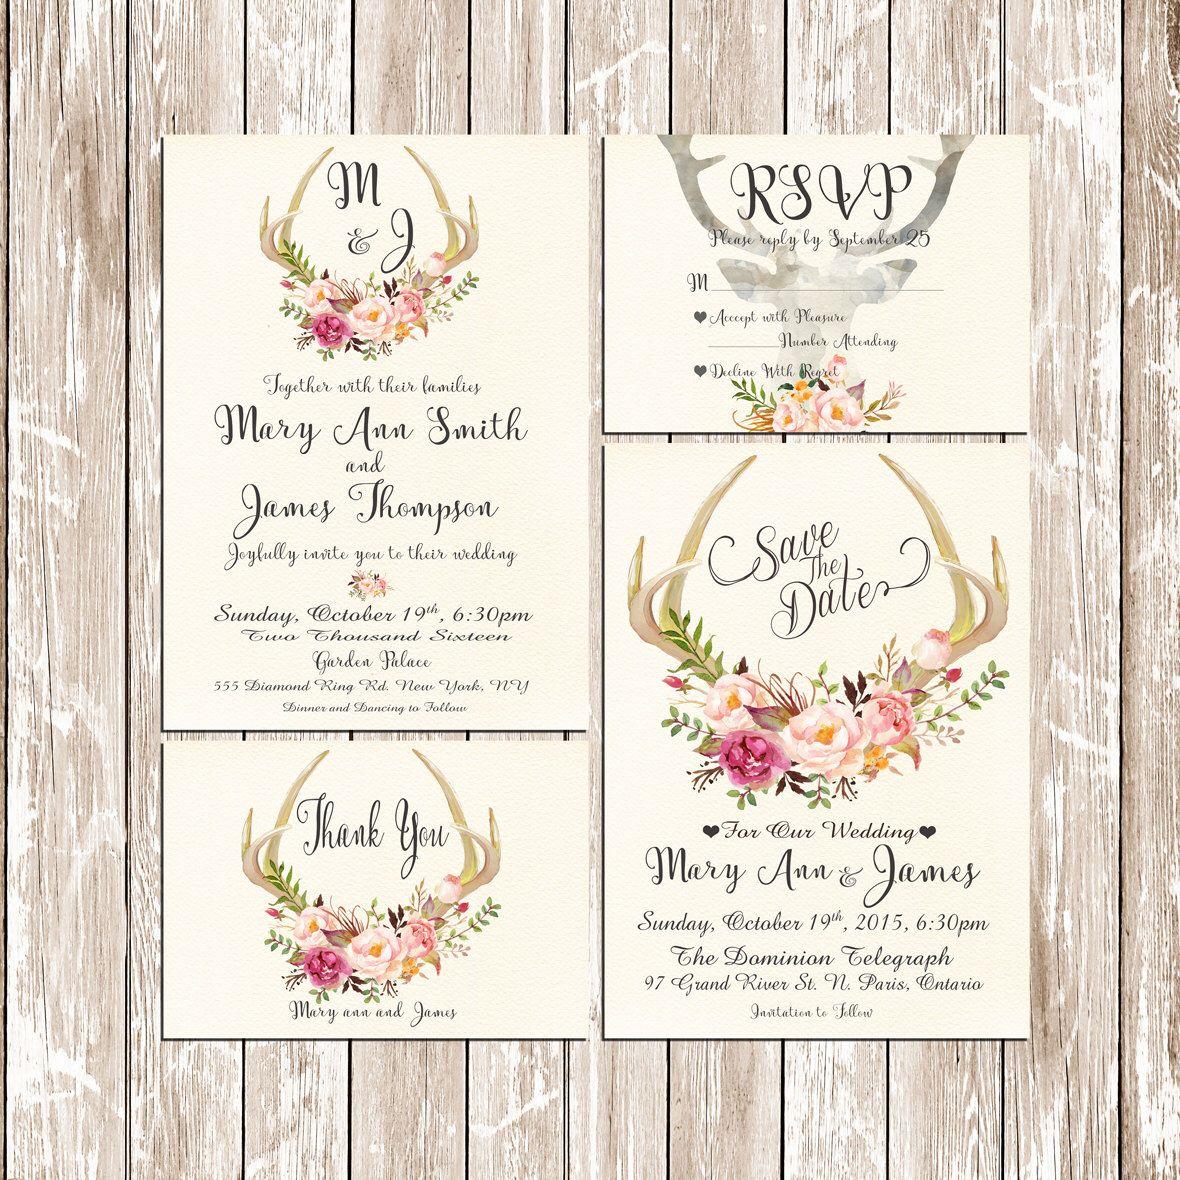 Invitation Kit Deer Antler Wedding Invitation Pink Floral Rustic Set/Suite  Save The Date RSVP